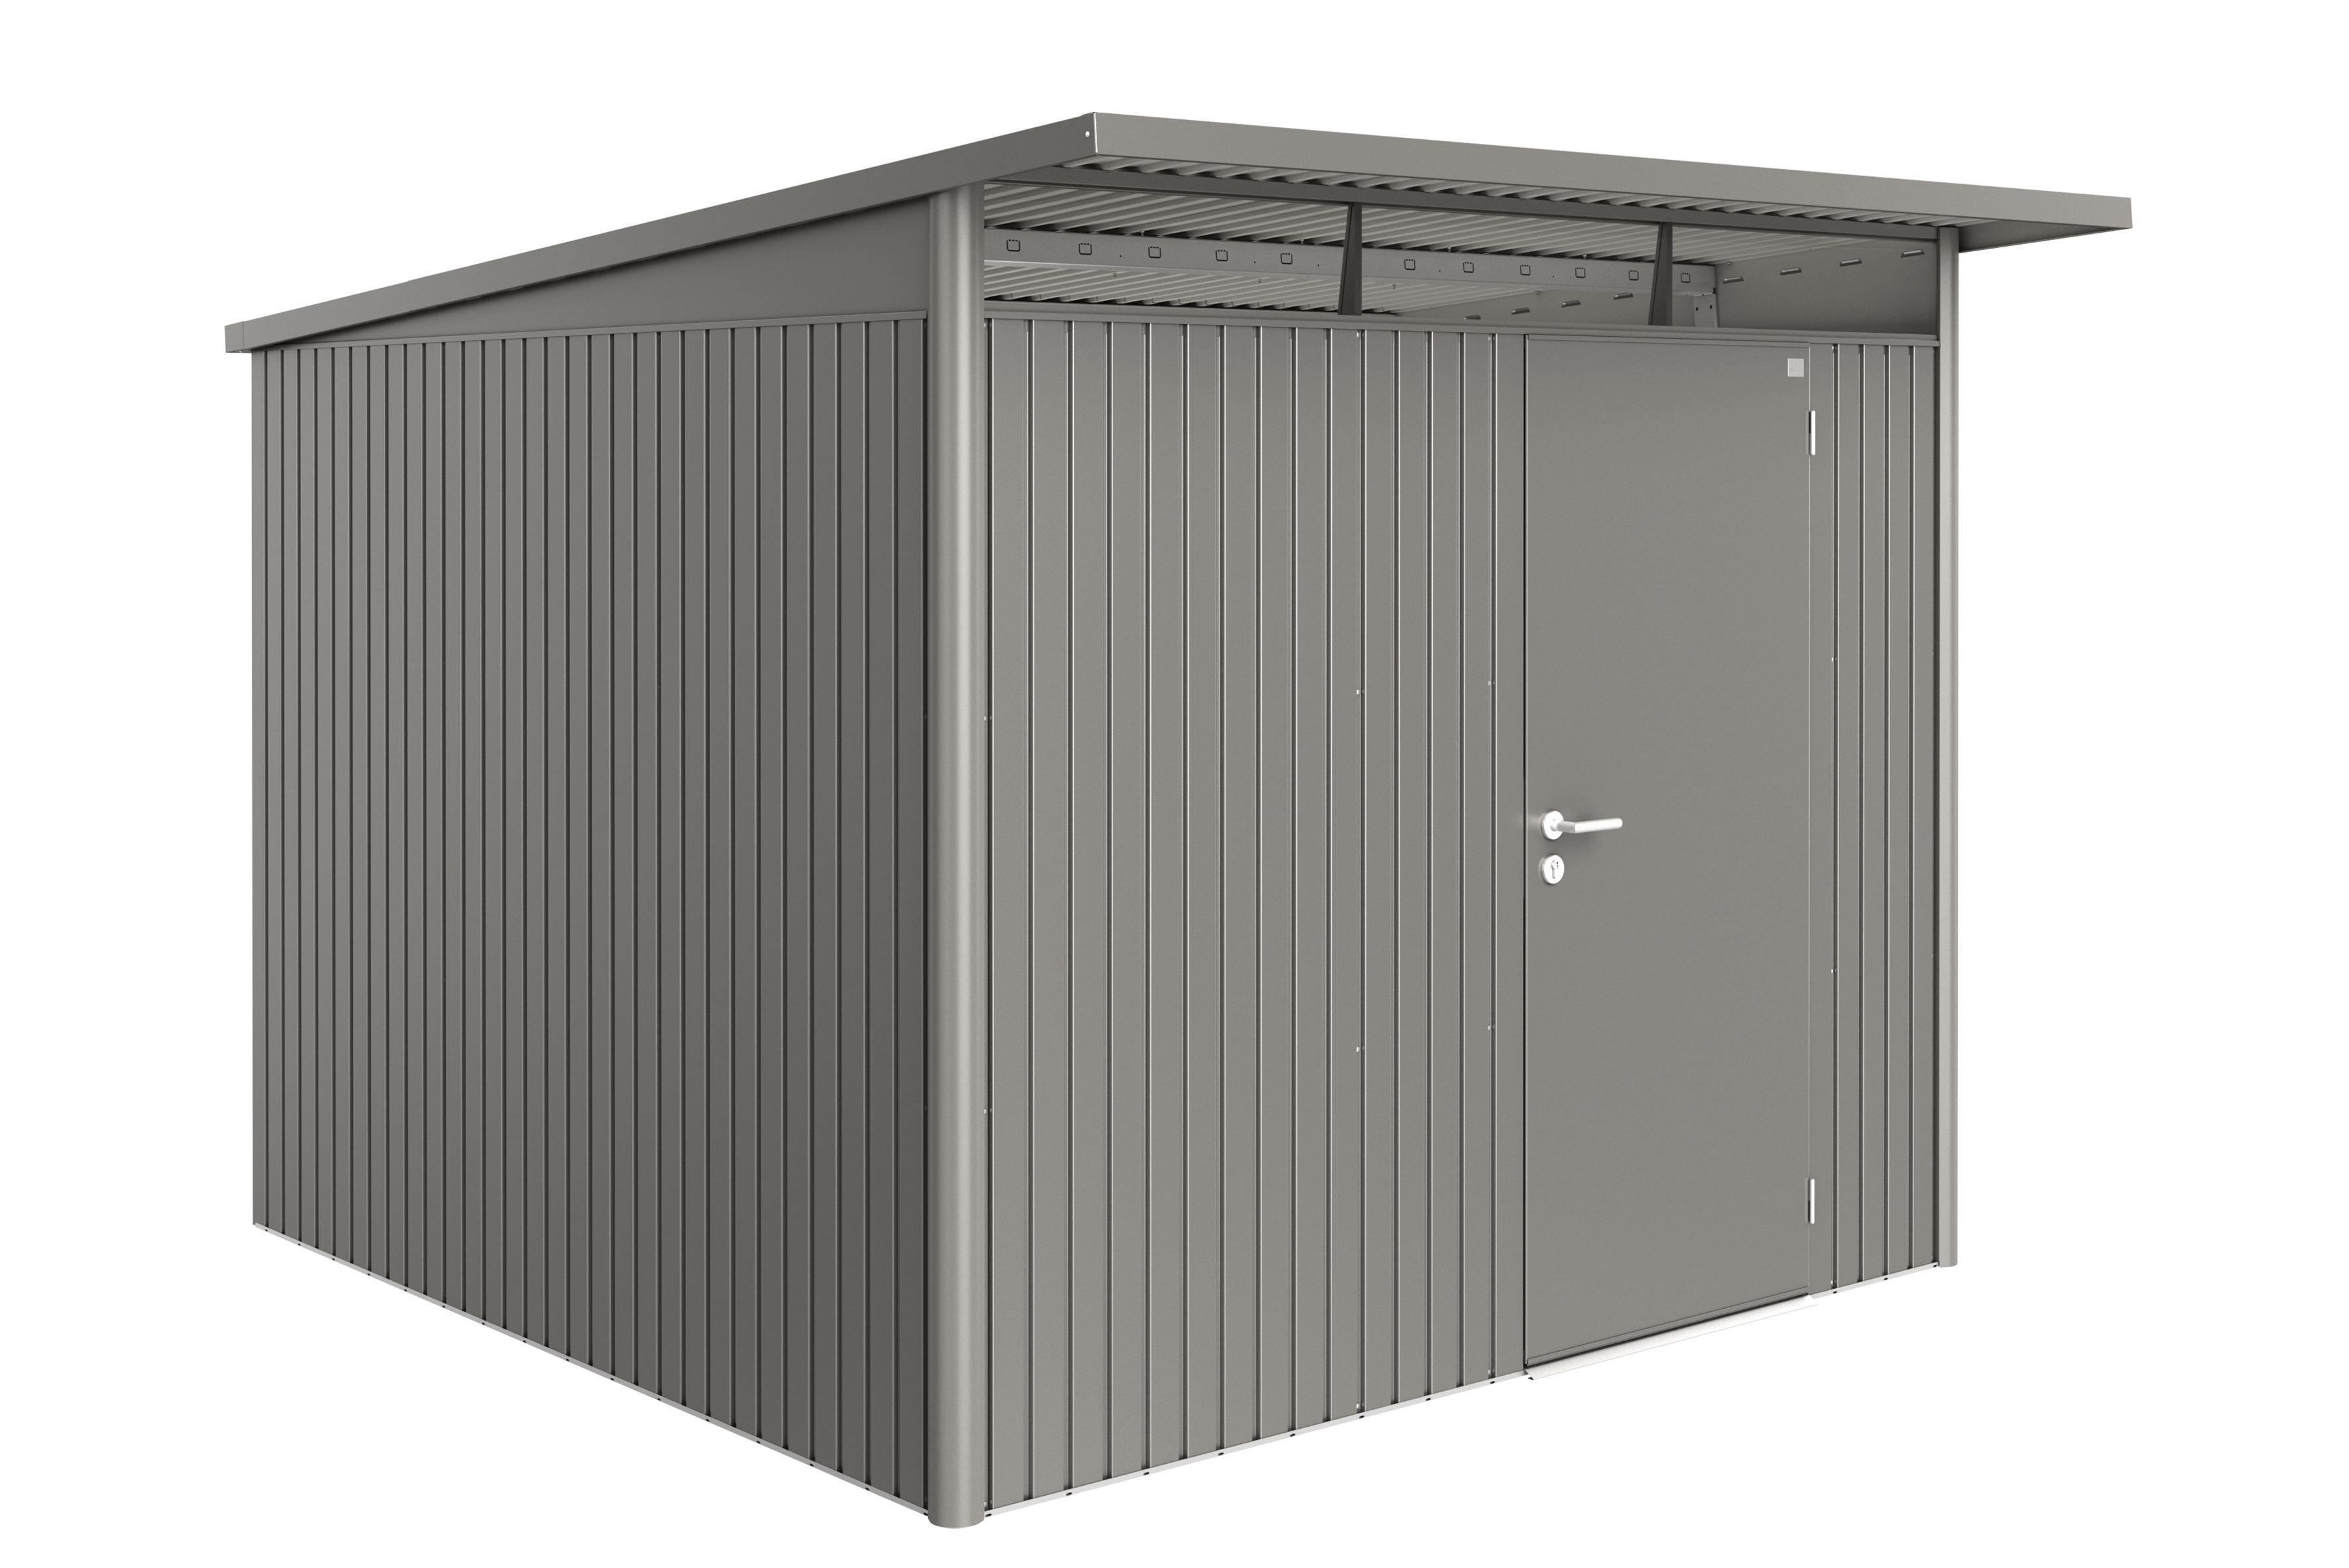 Biohort Zahradní domek AVANTGARDE A7, šedý křemen metalíza